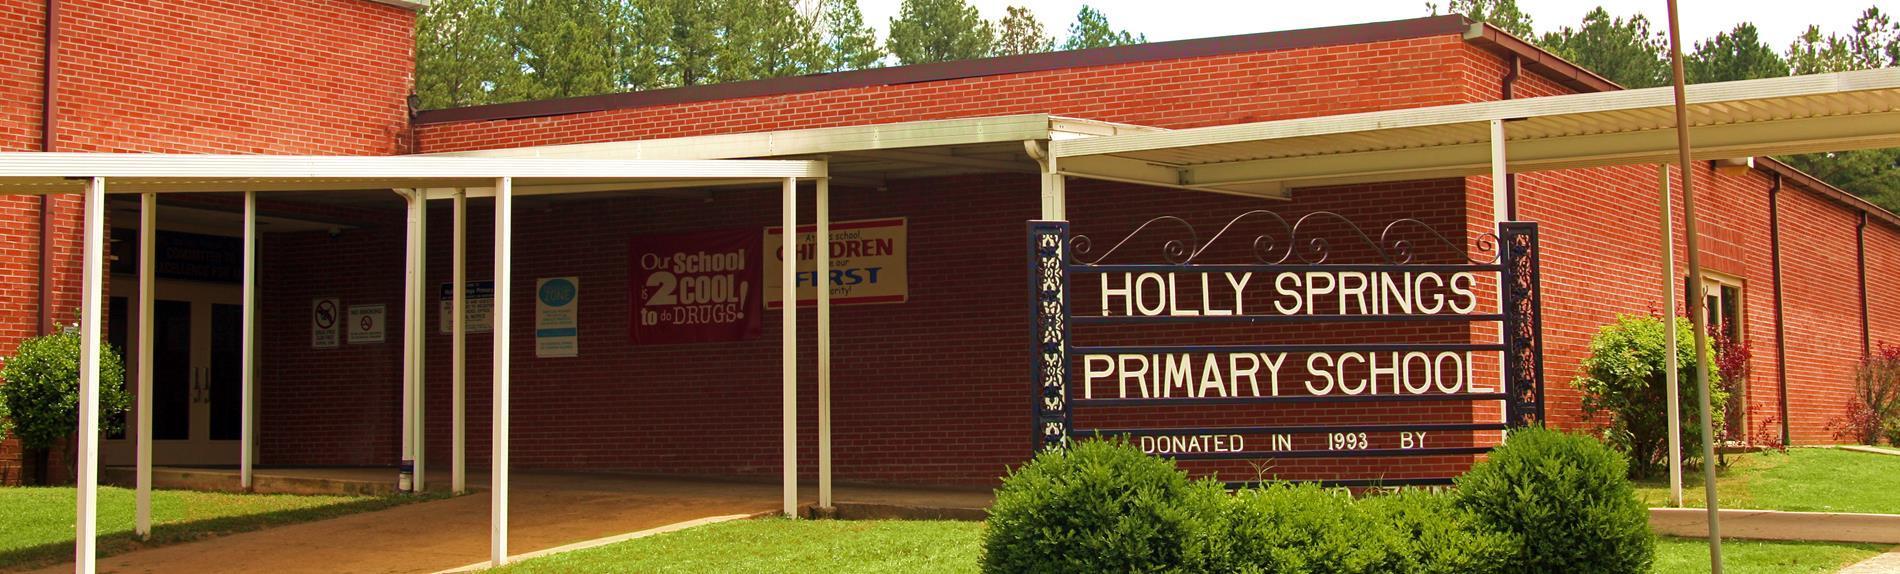 HSPS School Building